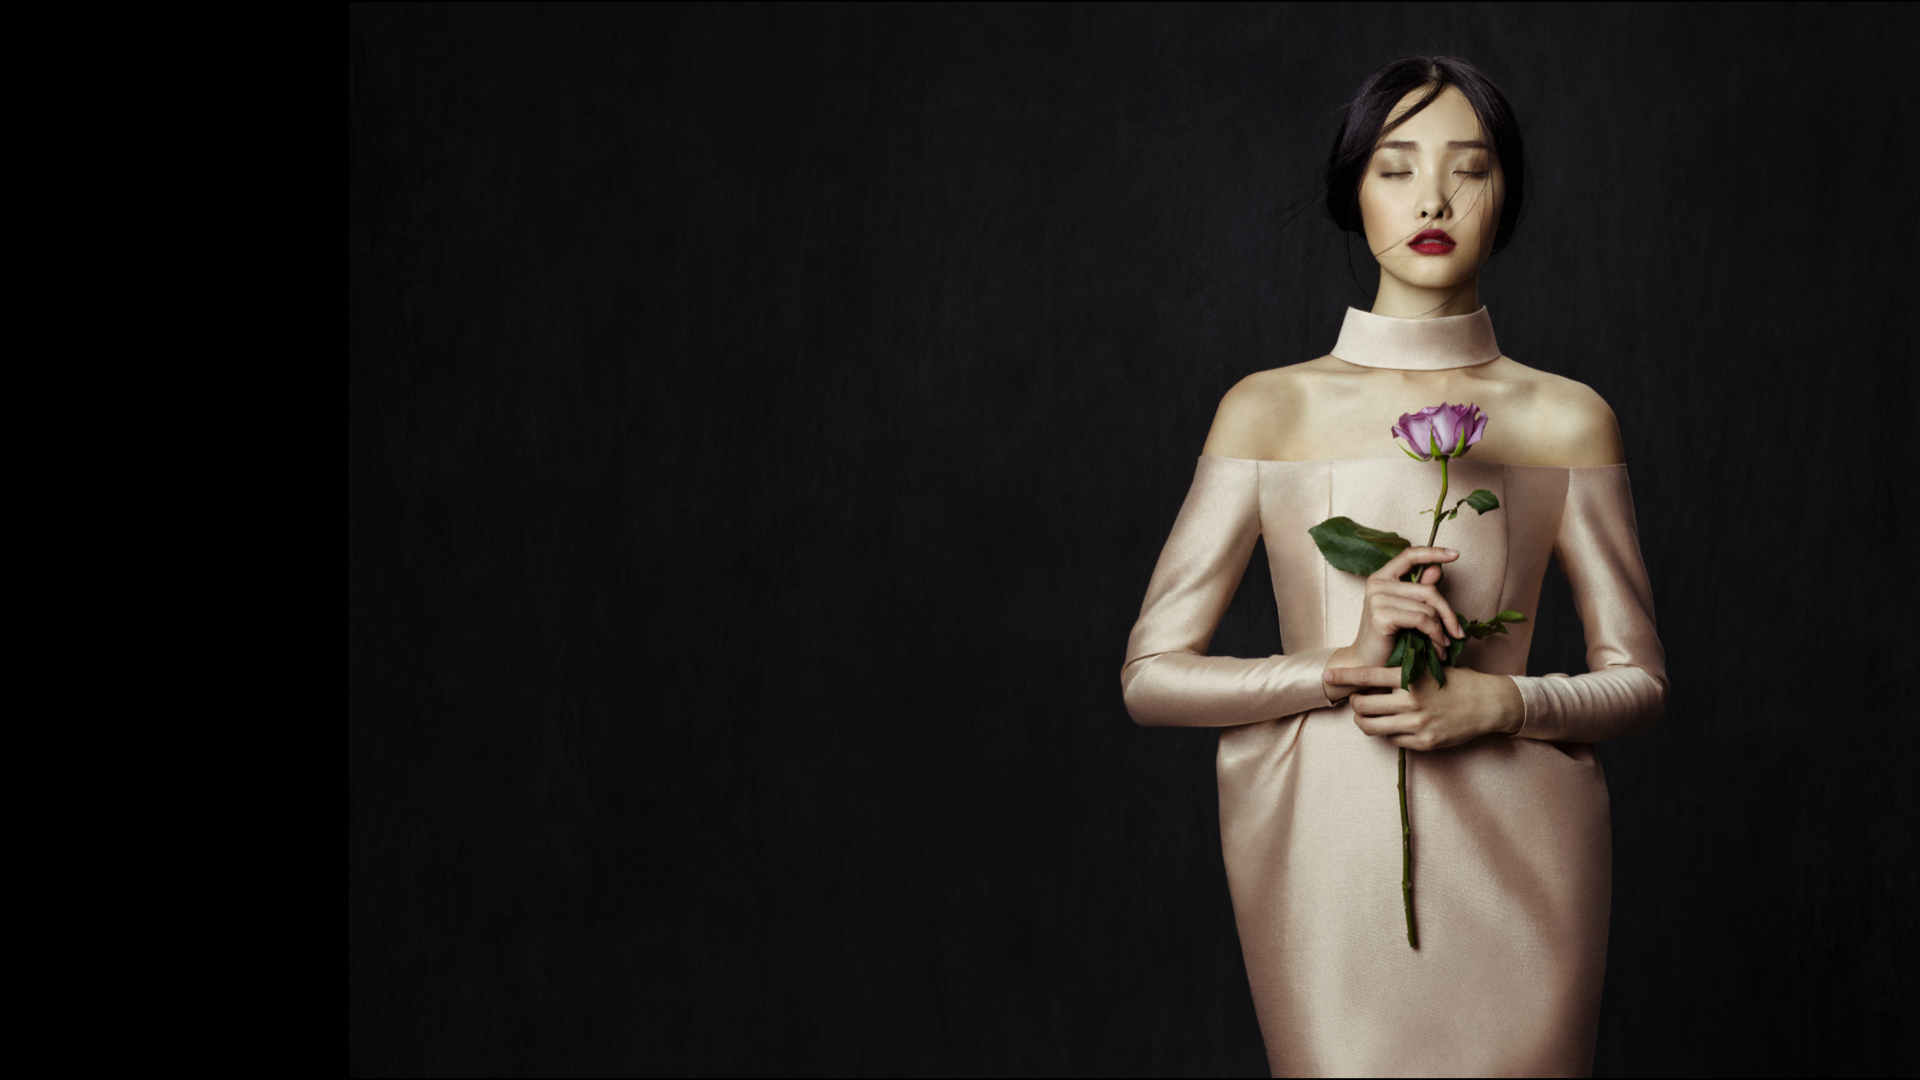 La Mode du Monde entier à l'honneur lors de la World Fashion Week lors d'une exposition permanente